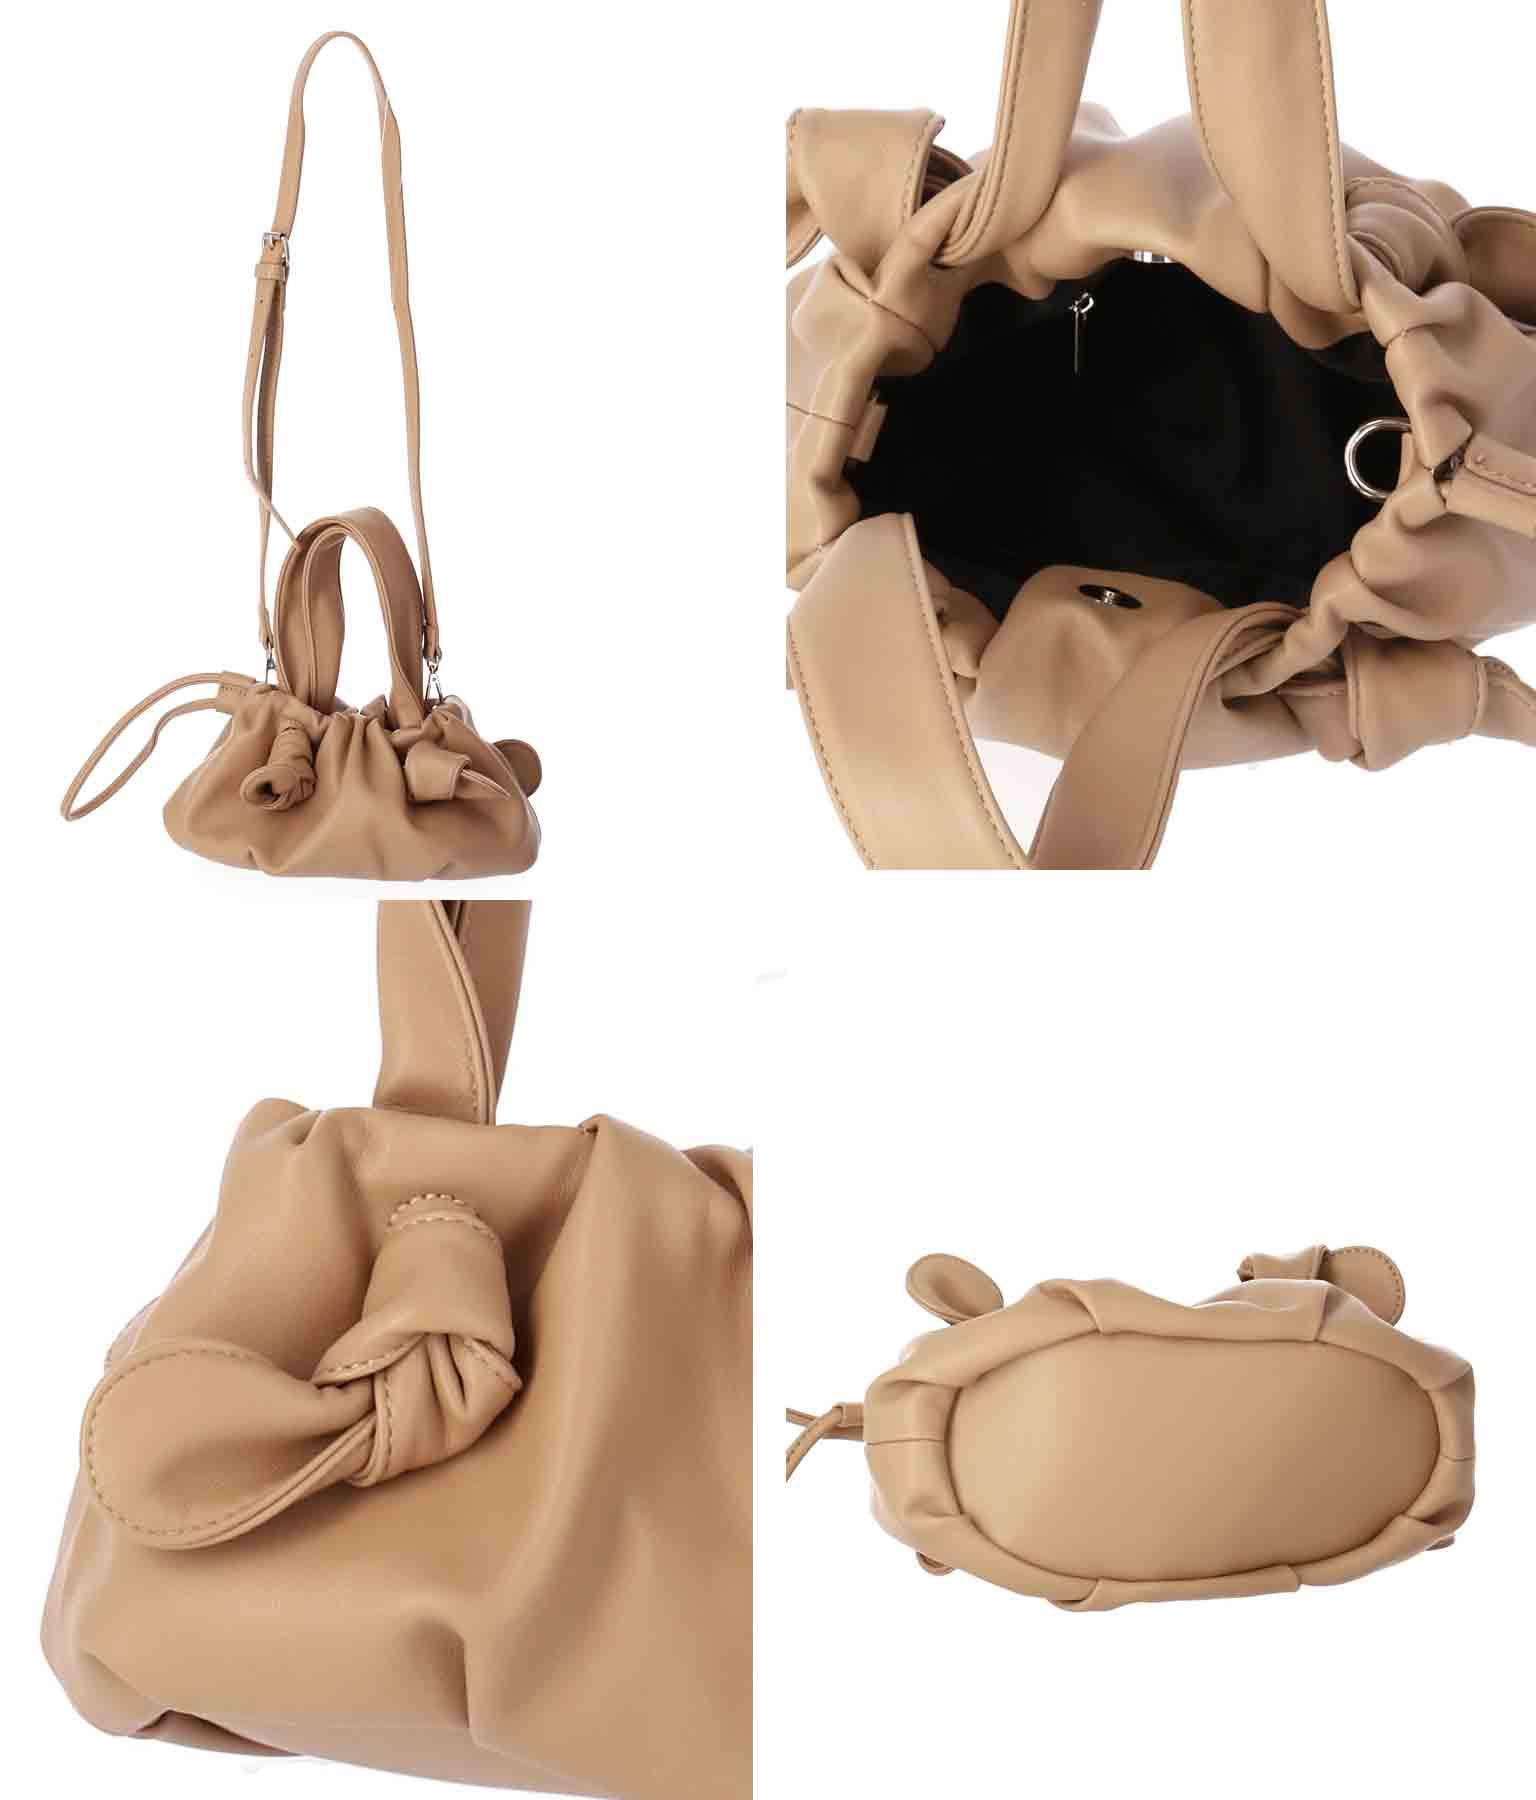 絞りデザインミニバッグ(バッグ・鞄・小物/ハンドバッグ・ショルダーポシェット)   CHILLE